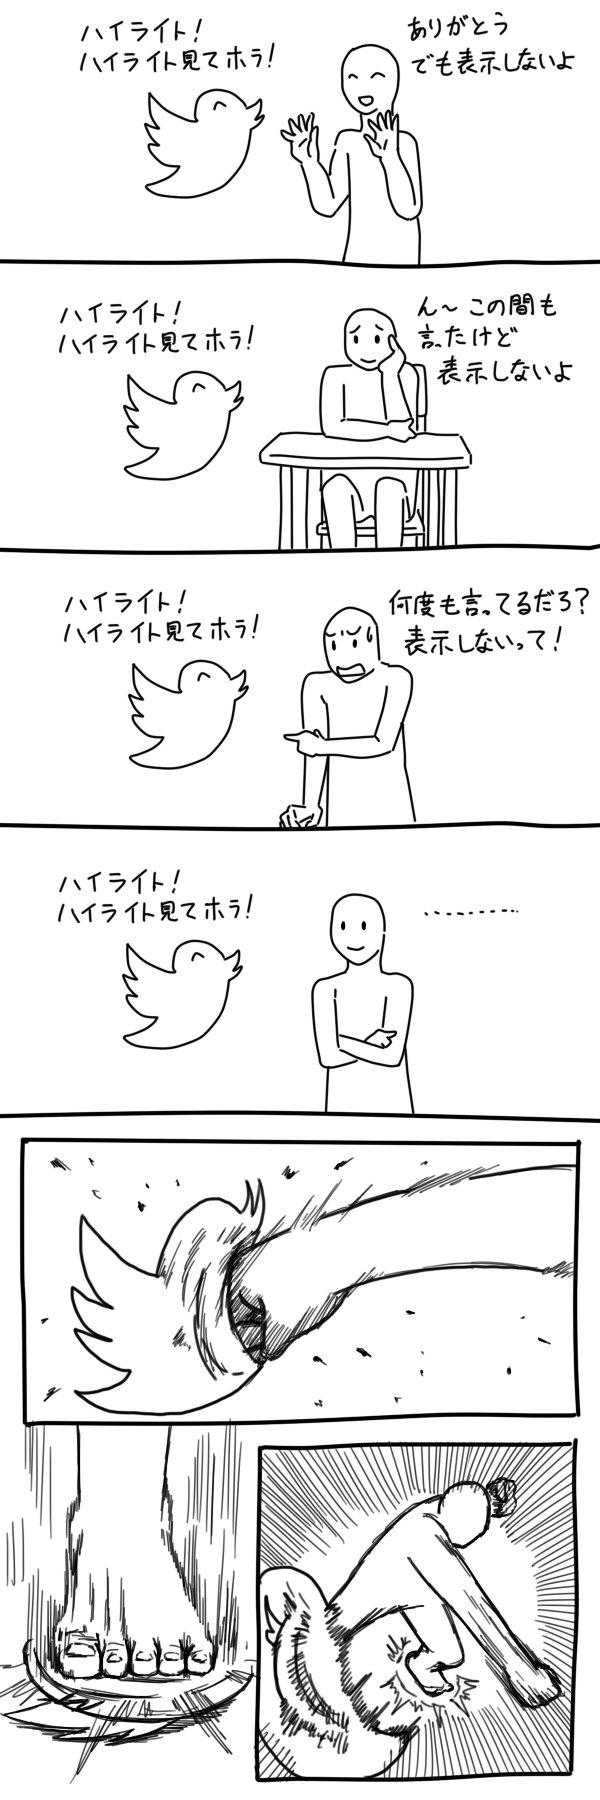 ウザい! ツイッターのハイライトに対するみんなの気持ちを代弁した漫画が共感できすぎ(笑)